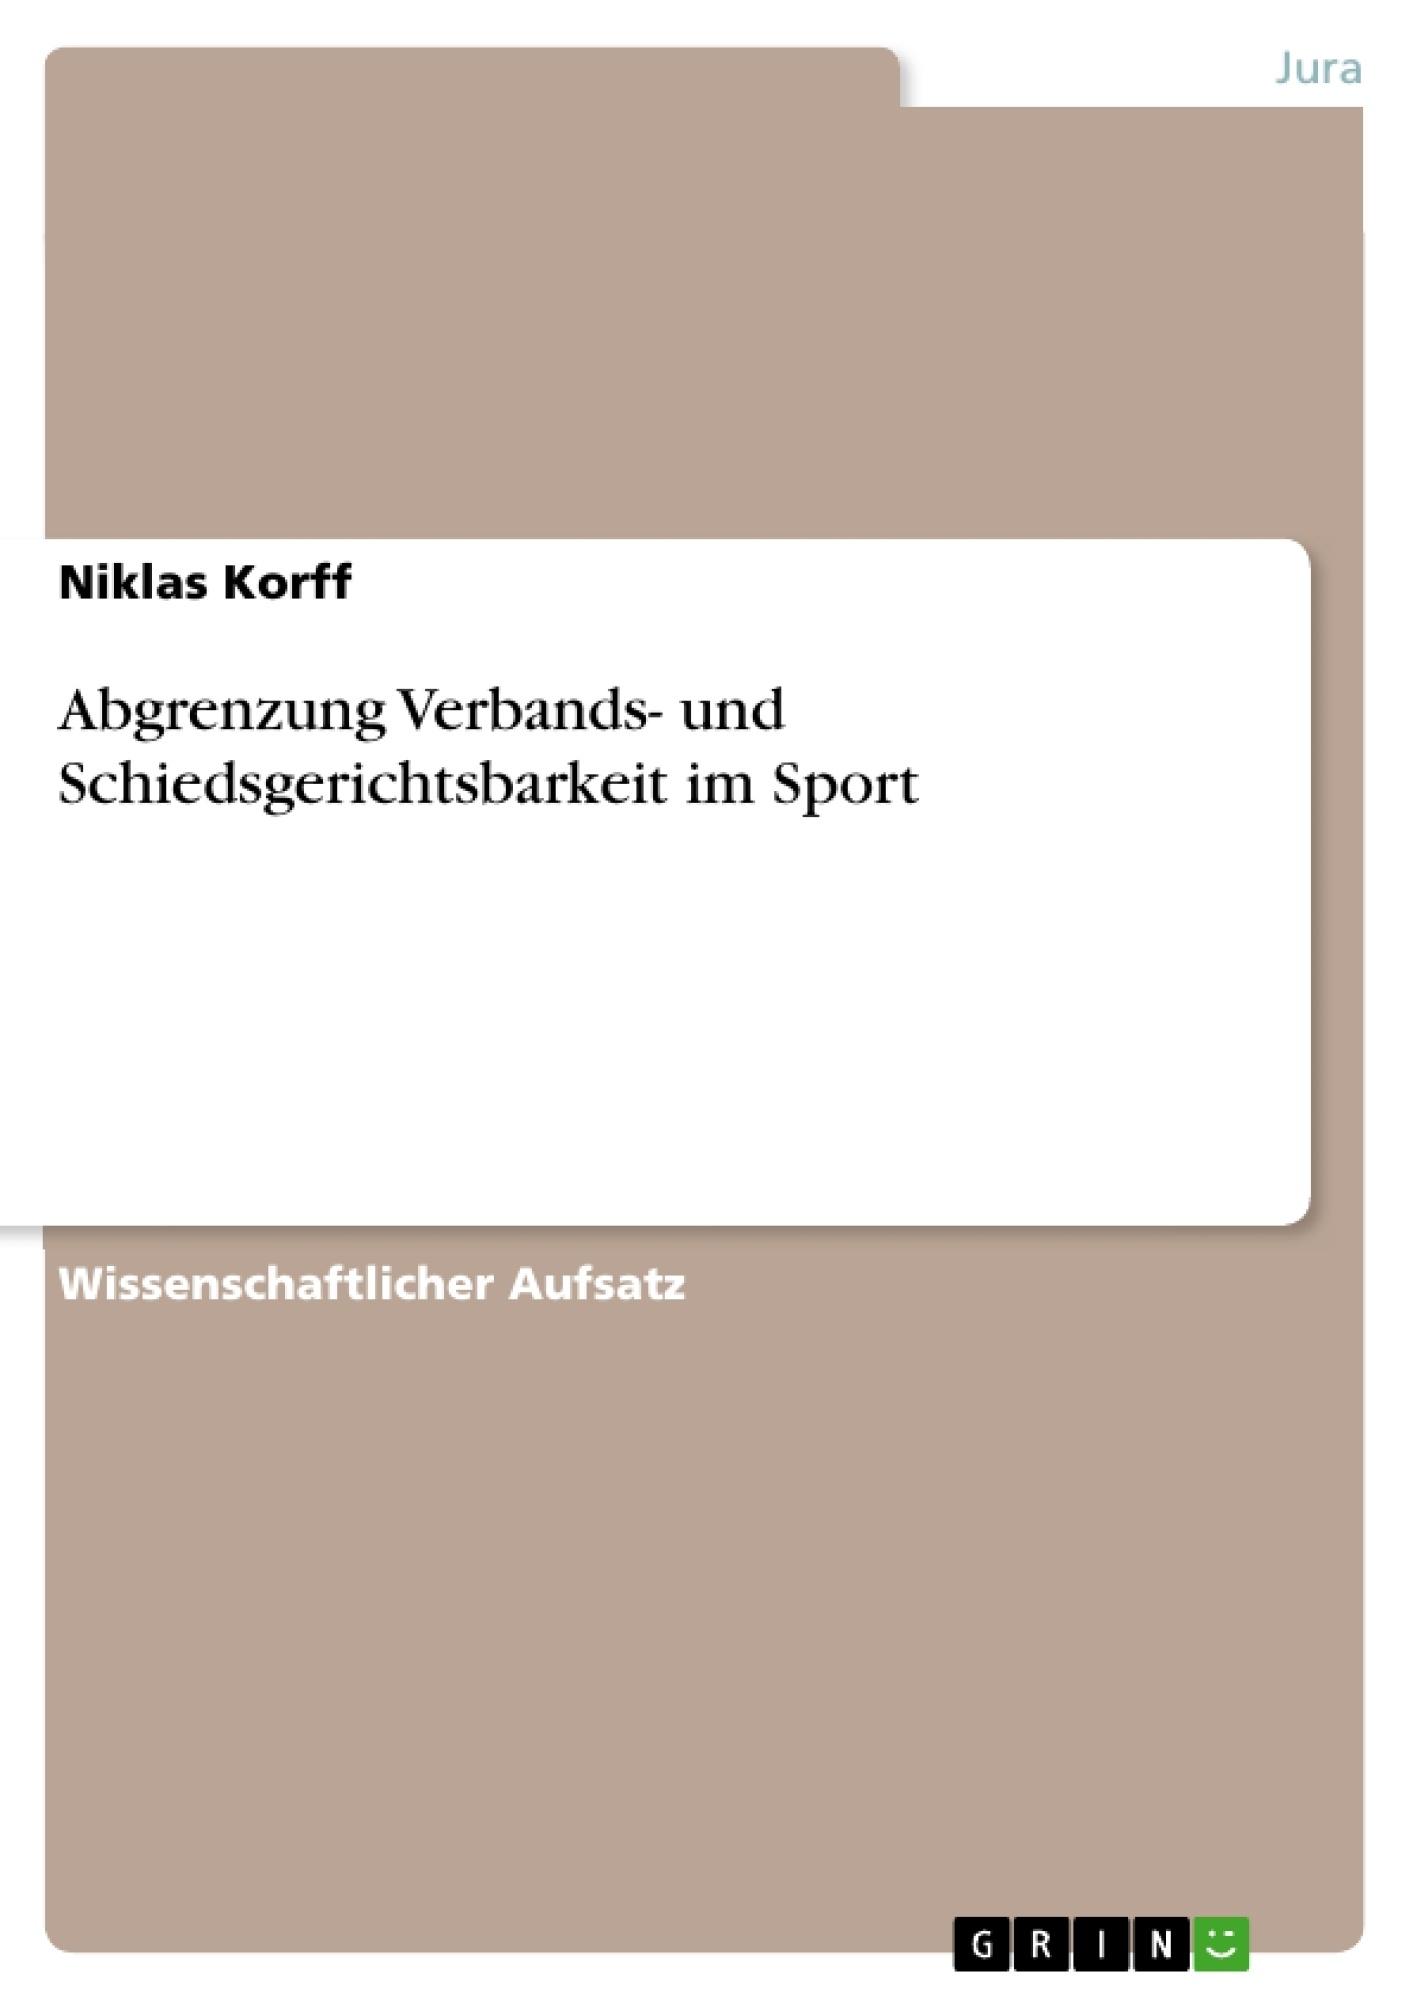 Titel: Abgrenzung Verbands- und Schiedsgerichtsbarkeit im Sport